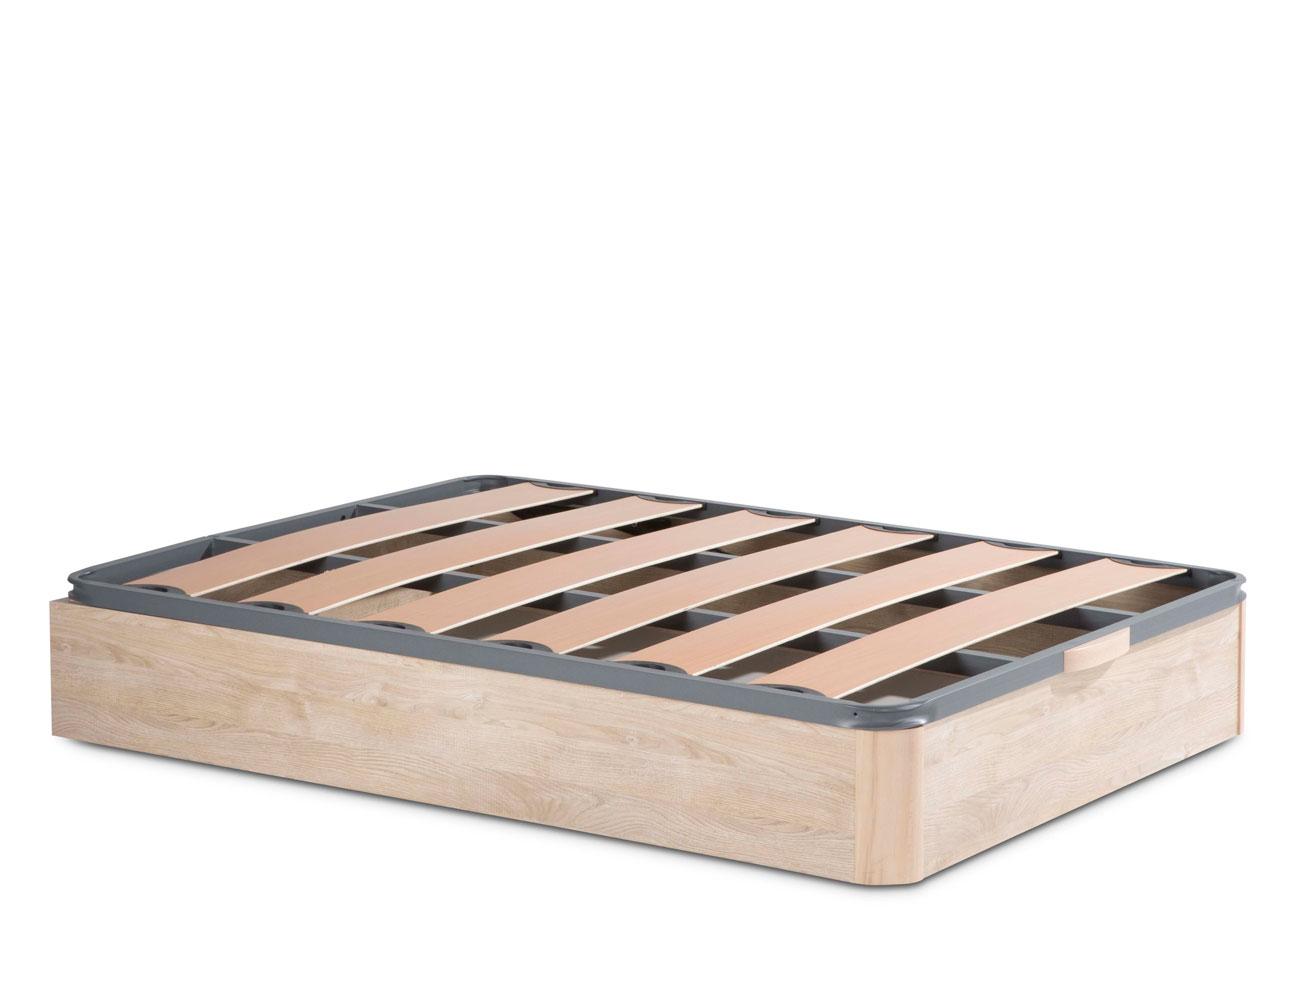 Canape madera somier laminas pvc 787